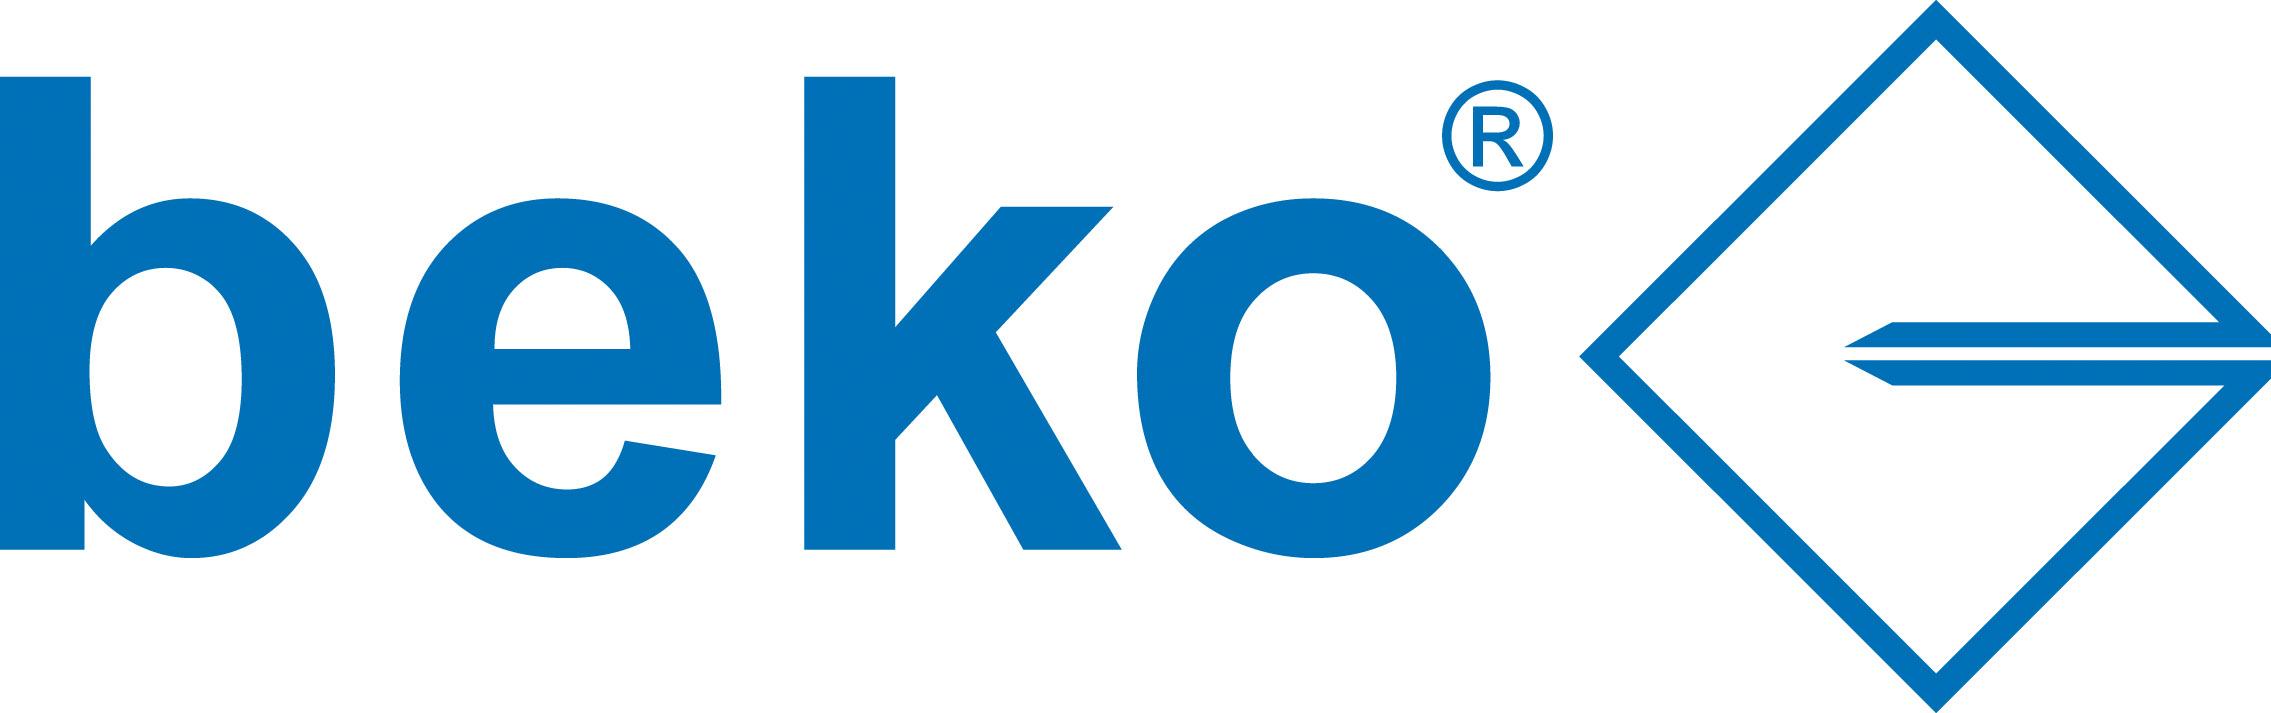 beko-Logo C100-M70-Y5-K0 V2